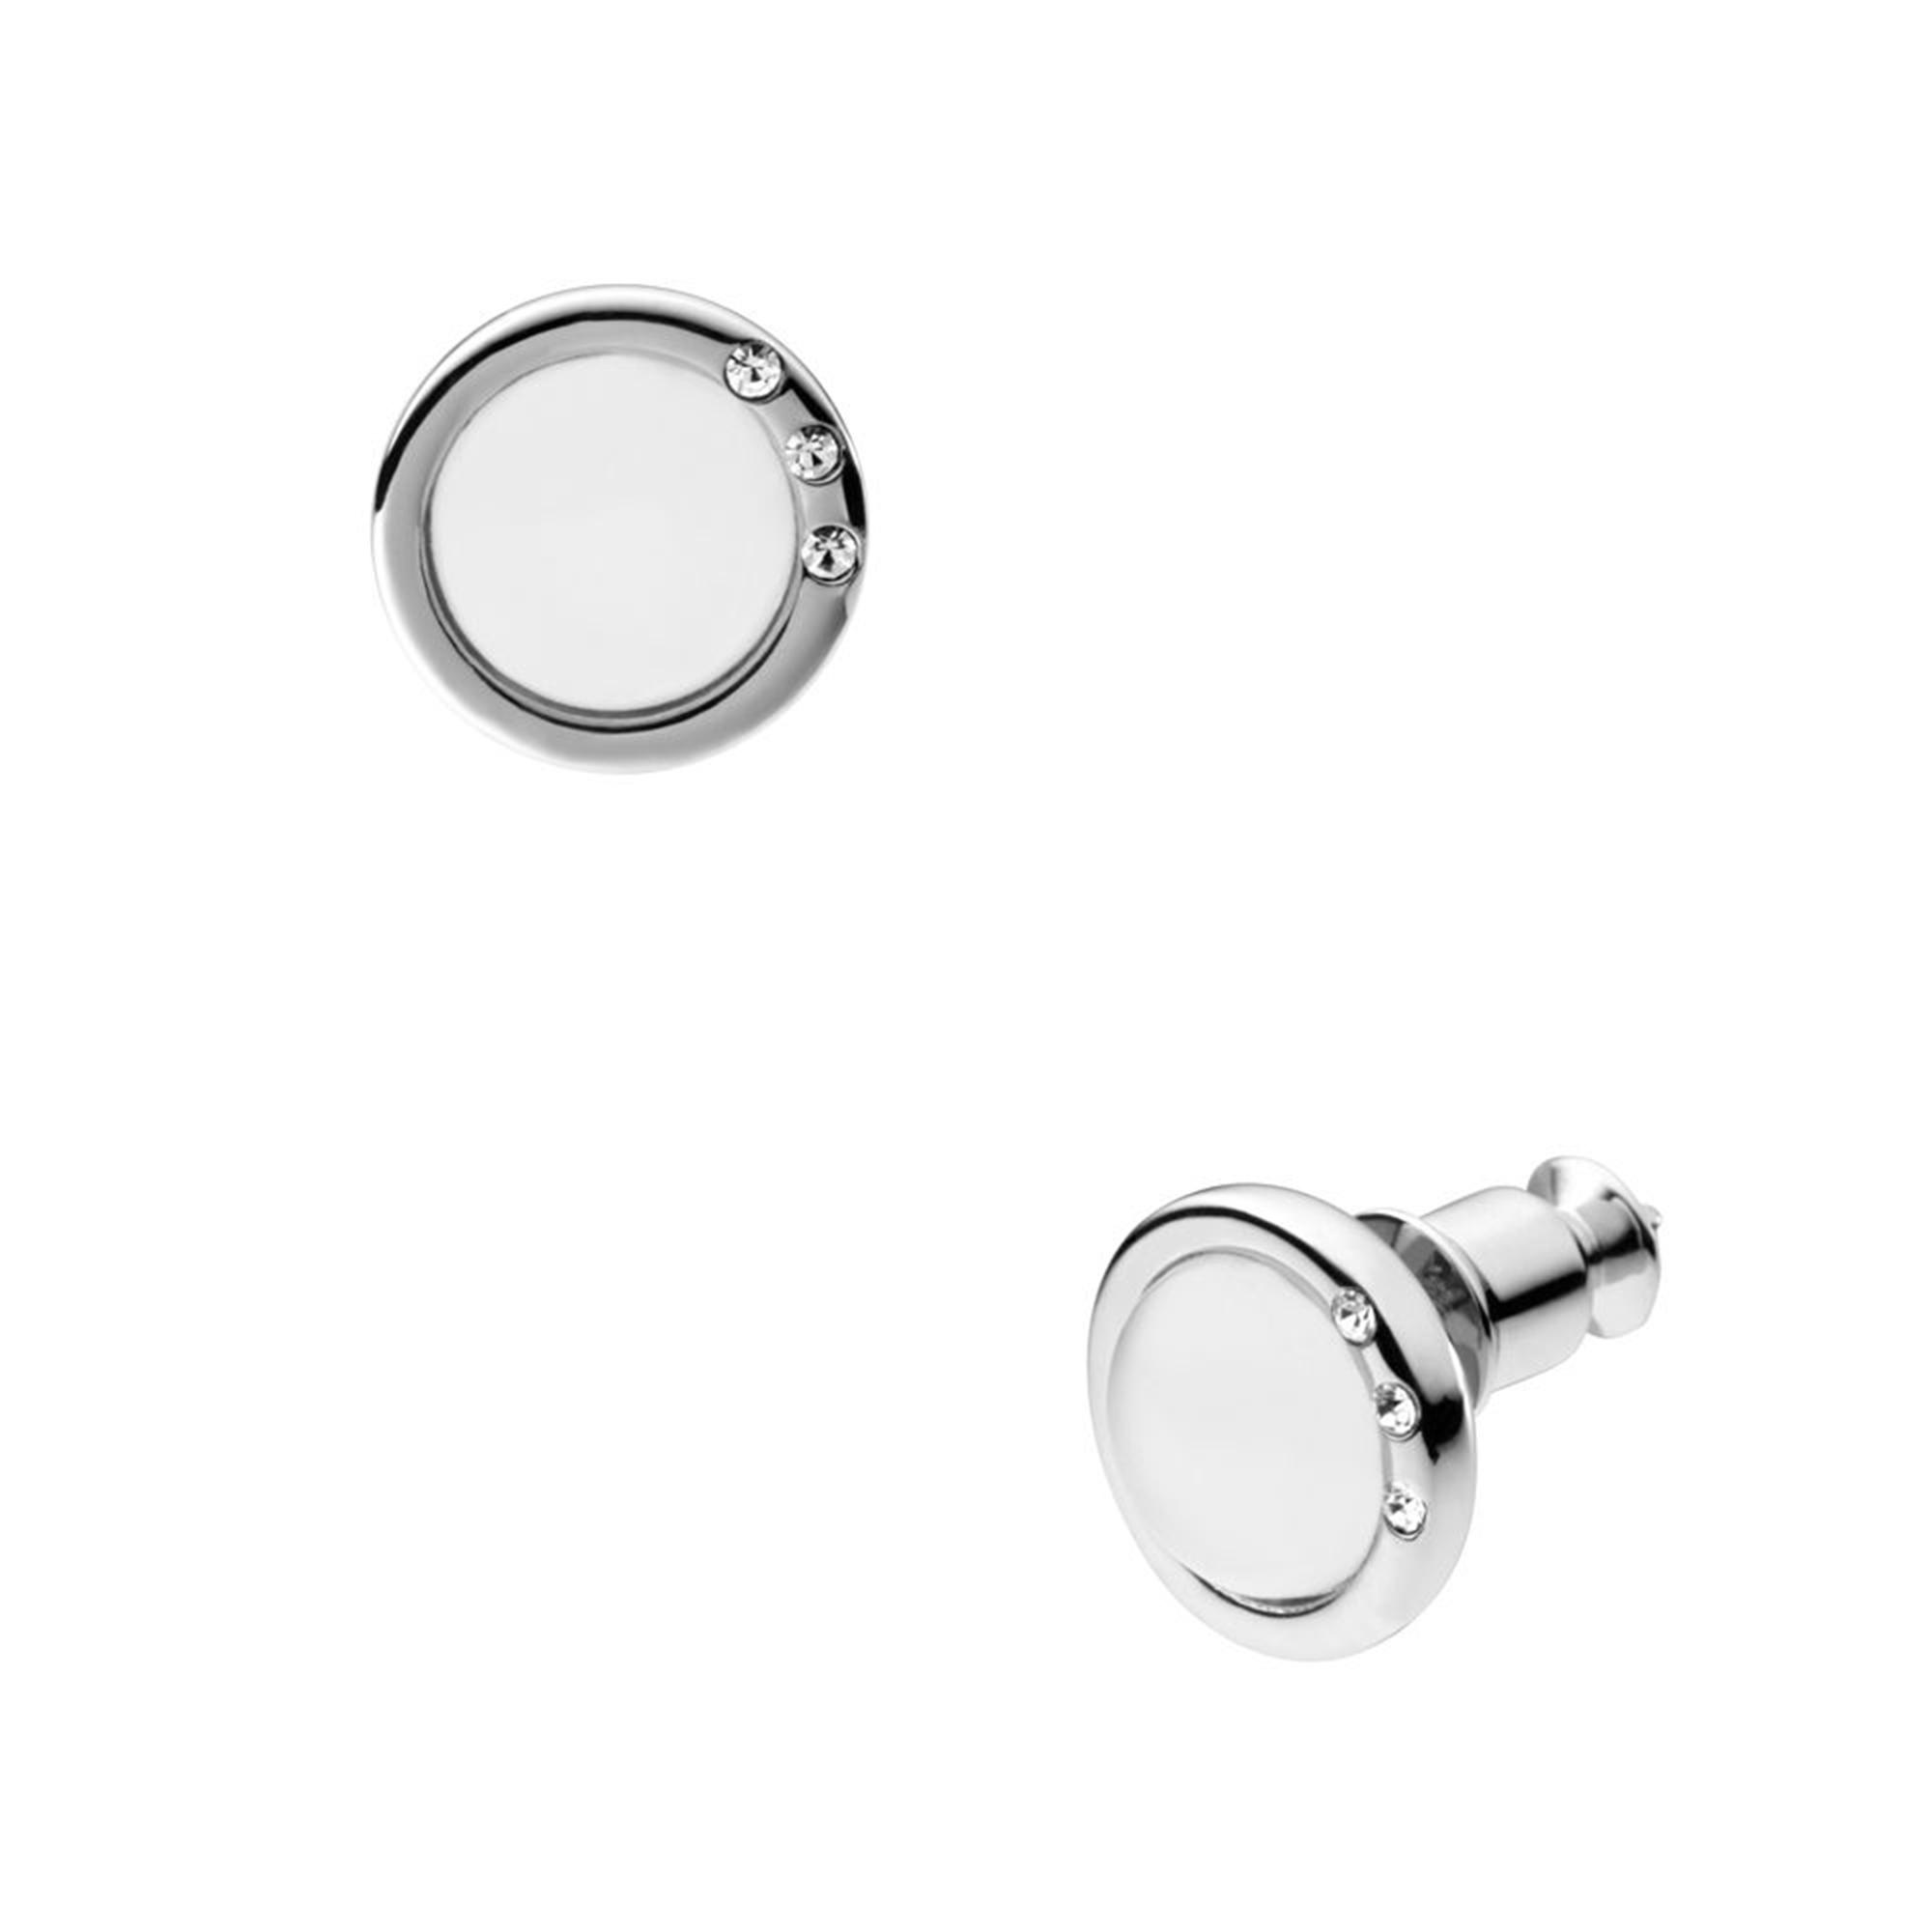 skagen ohrringe sea glass skj0103040 juwelier kraemer onlineshop. Black Bedroom Furniture Sets. Home Design Ideas